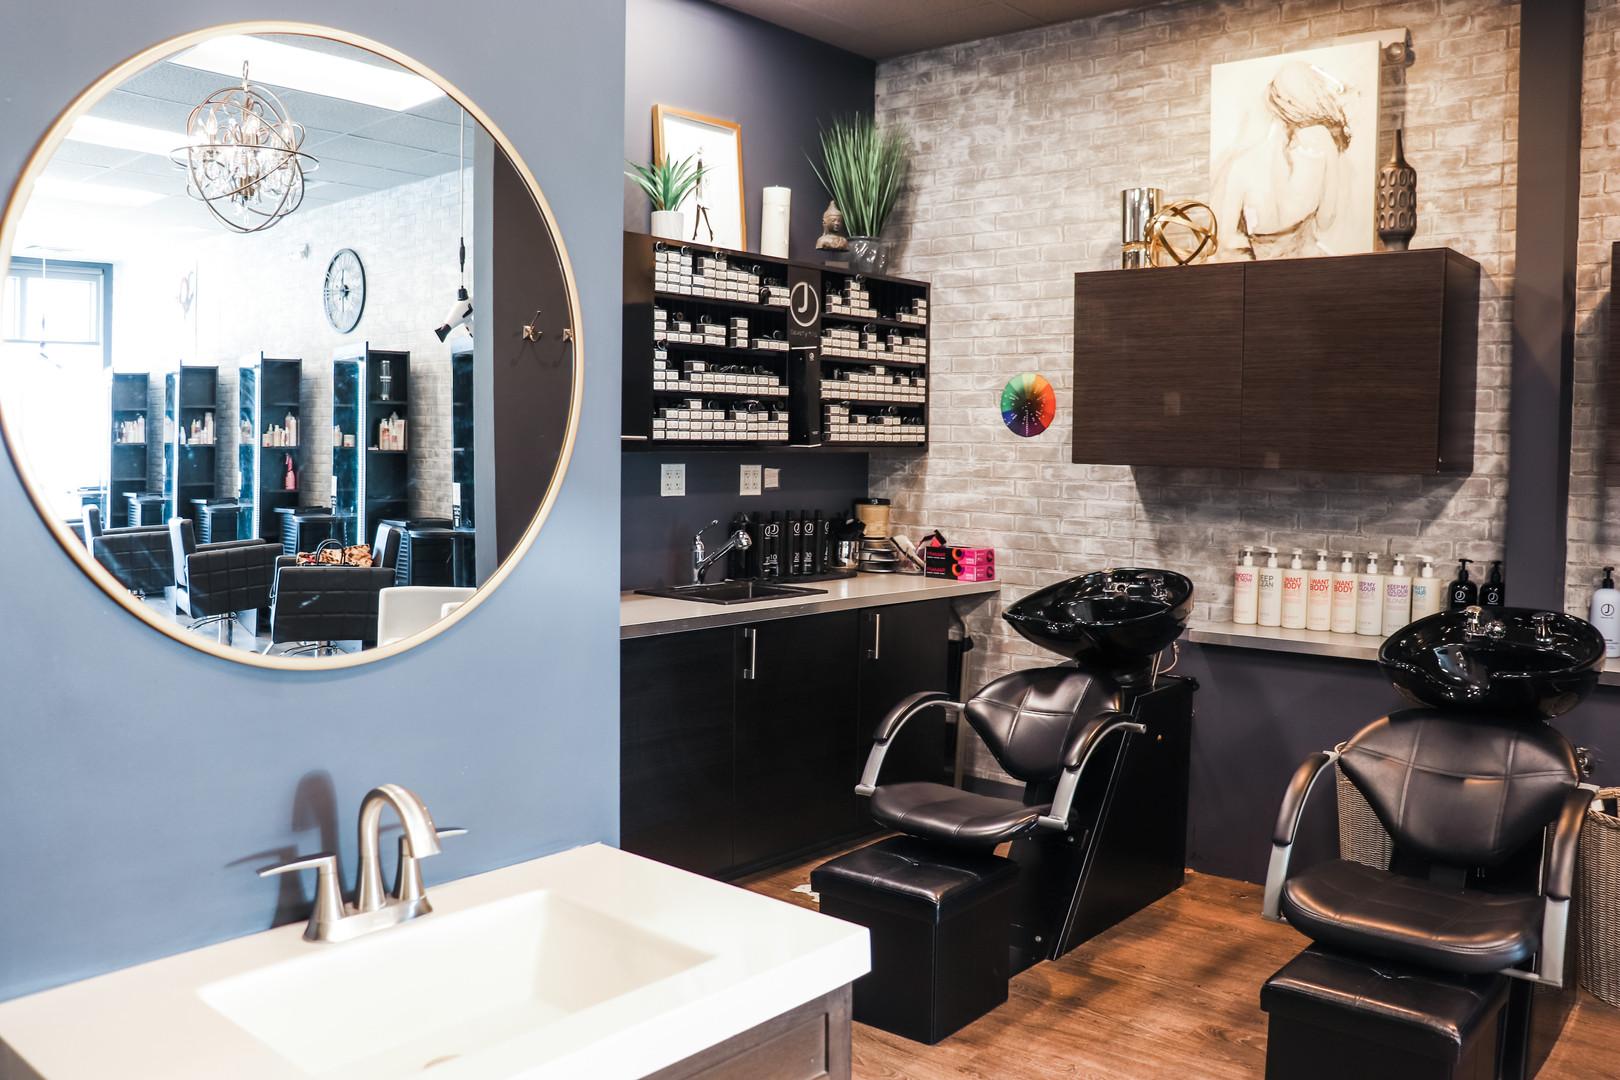 New Mirror/ Shampoo Area